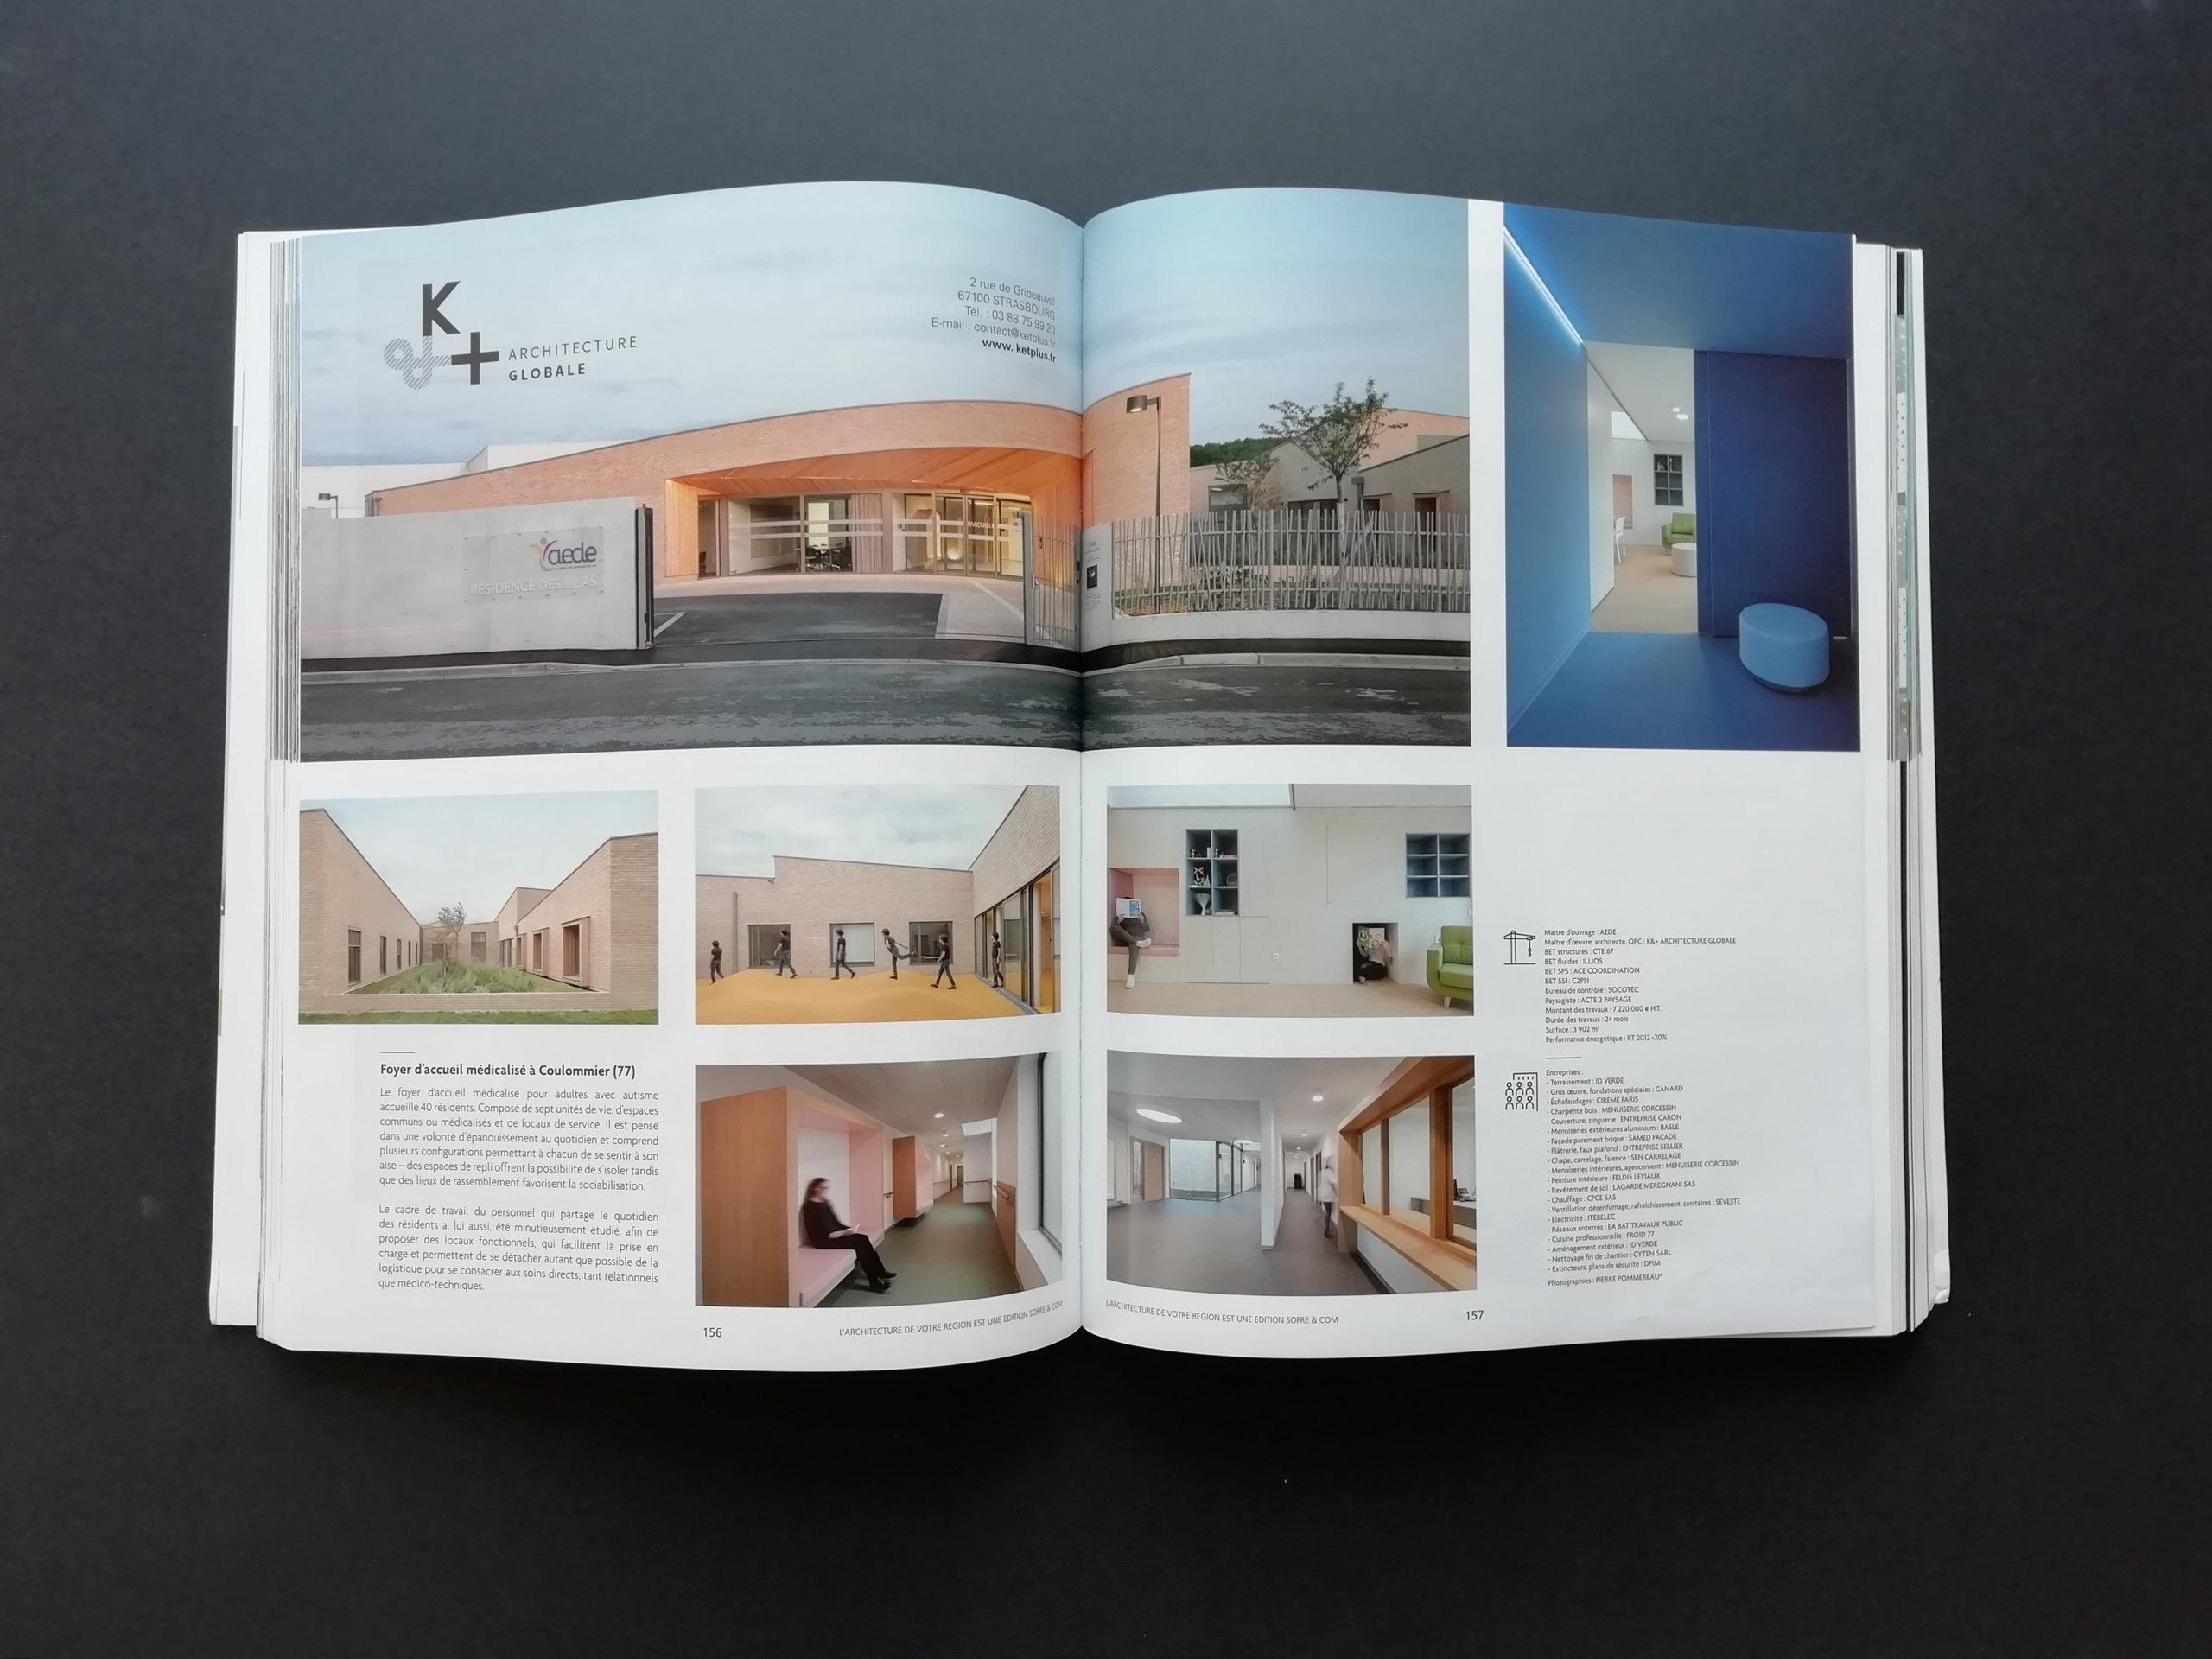 Architecture région K&+